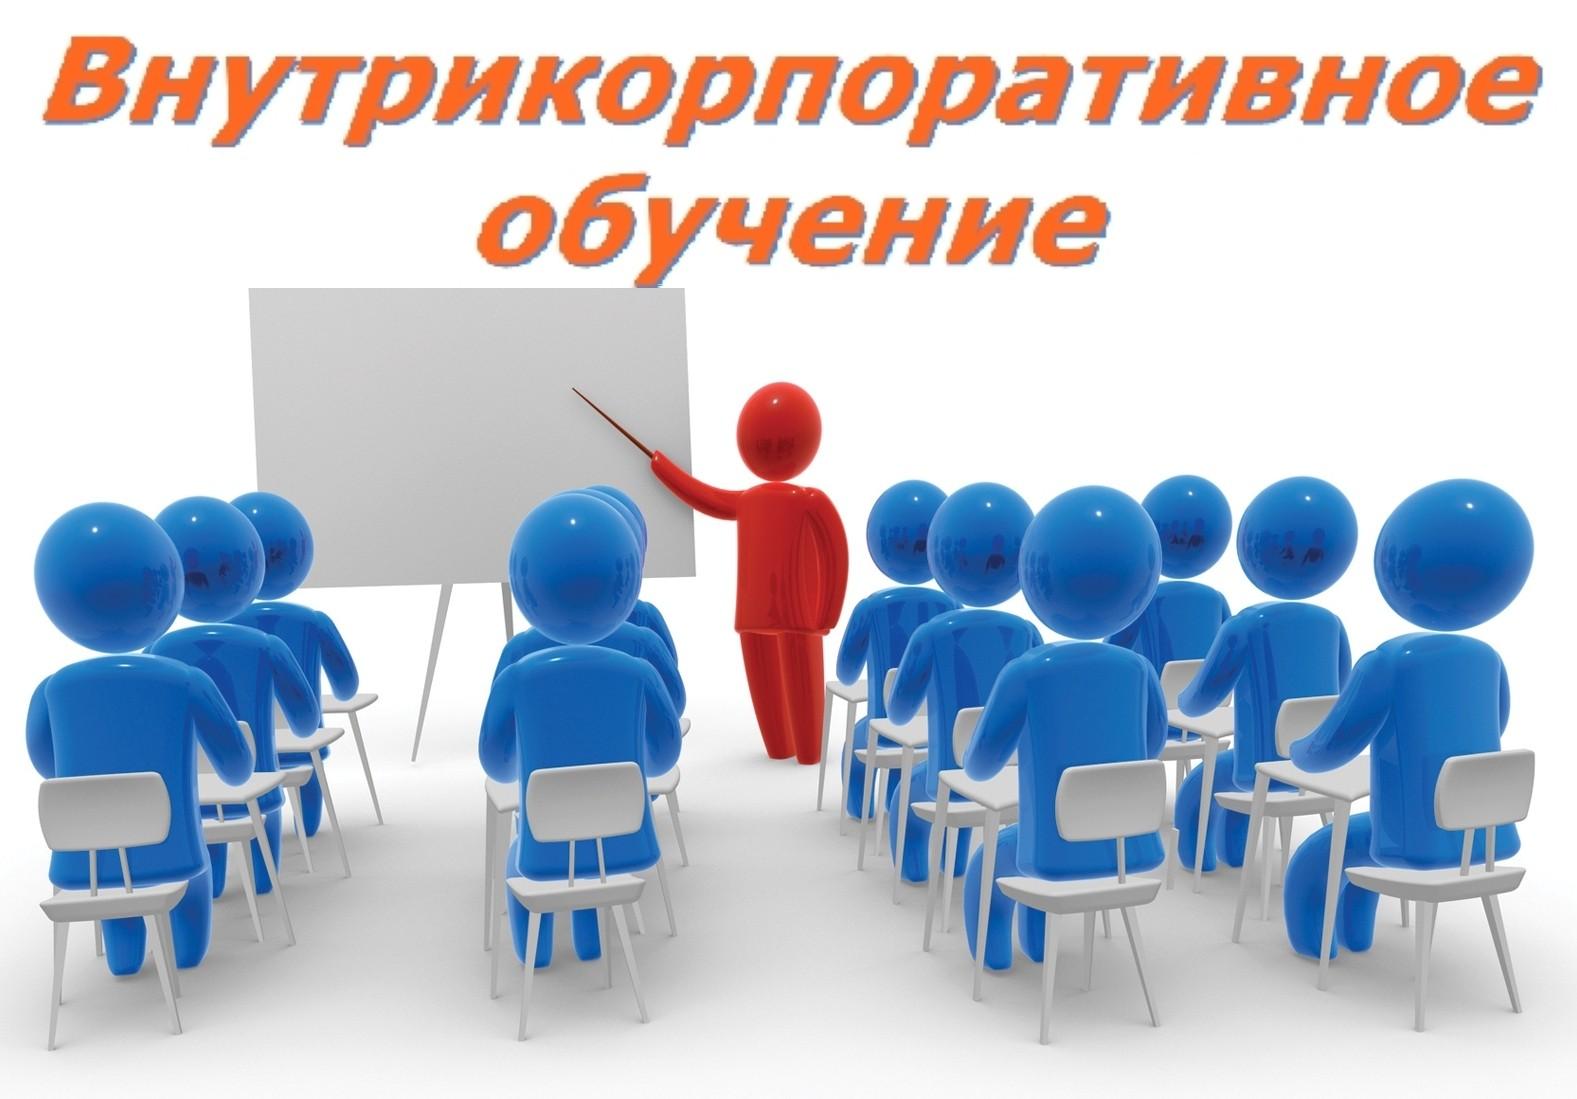 Группа обучение в компании